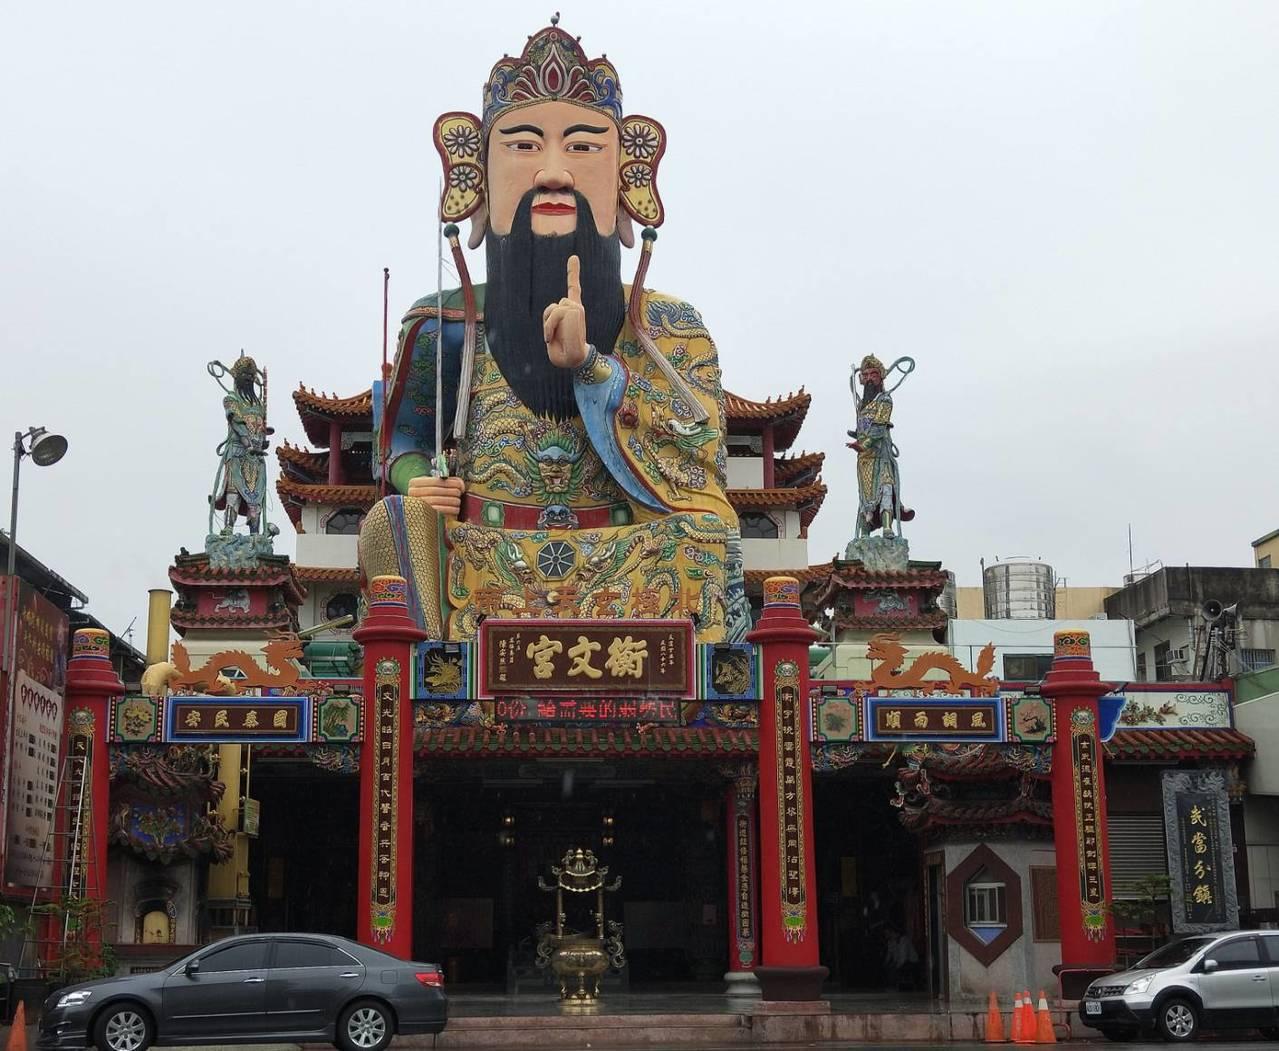 員林衡文宮的玄天上帝神像高72尺,是全台最大尊帝爺。記者何烱榮/攝影